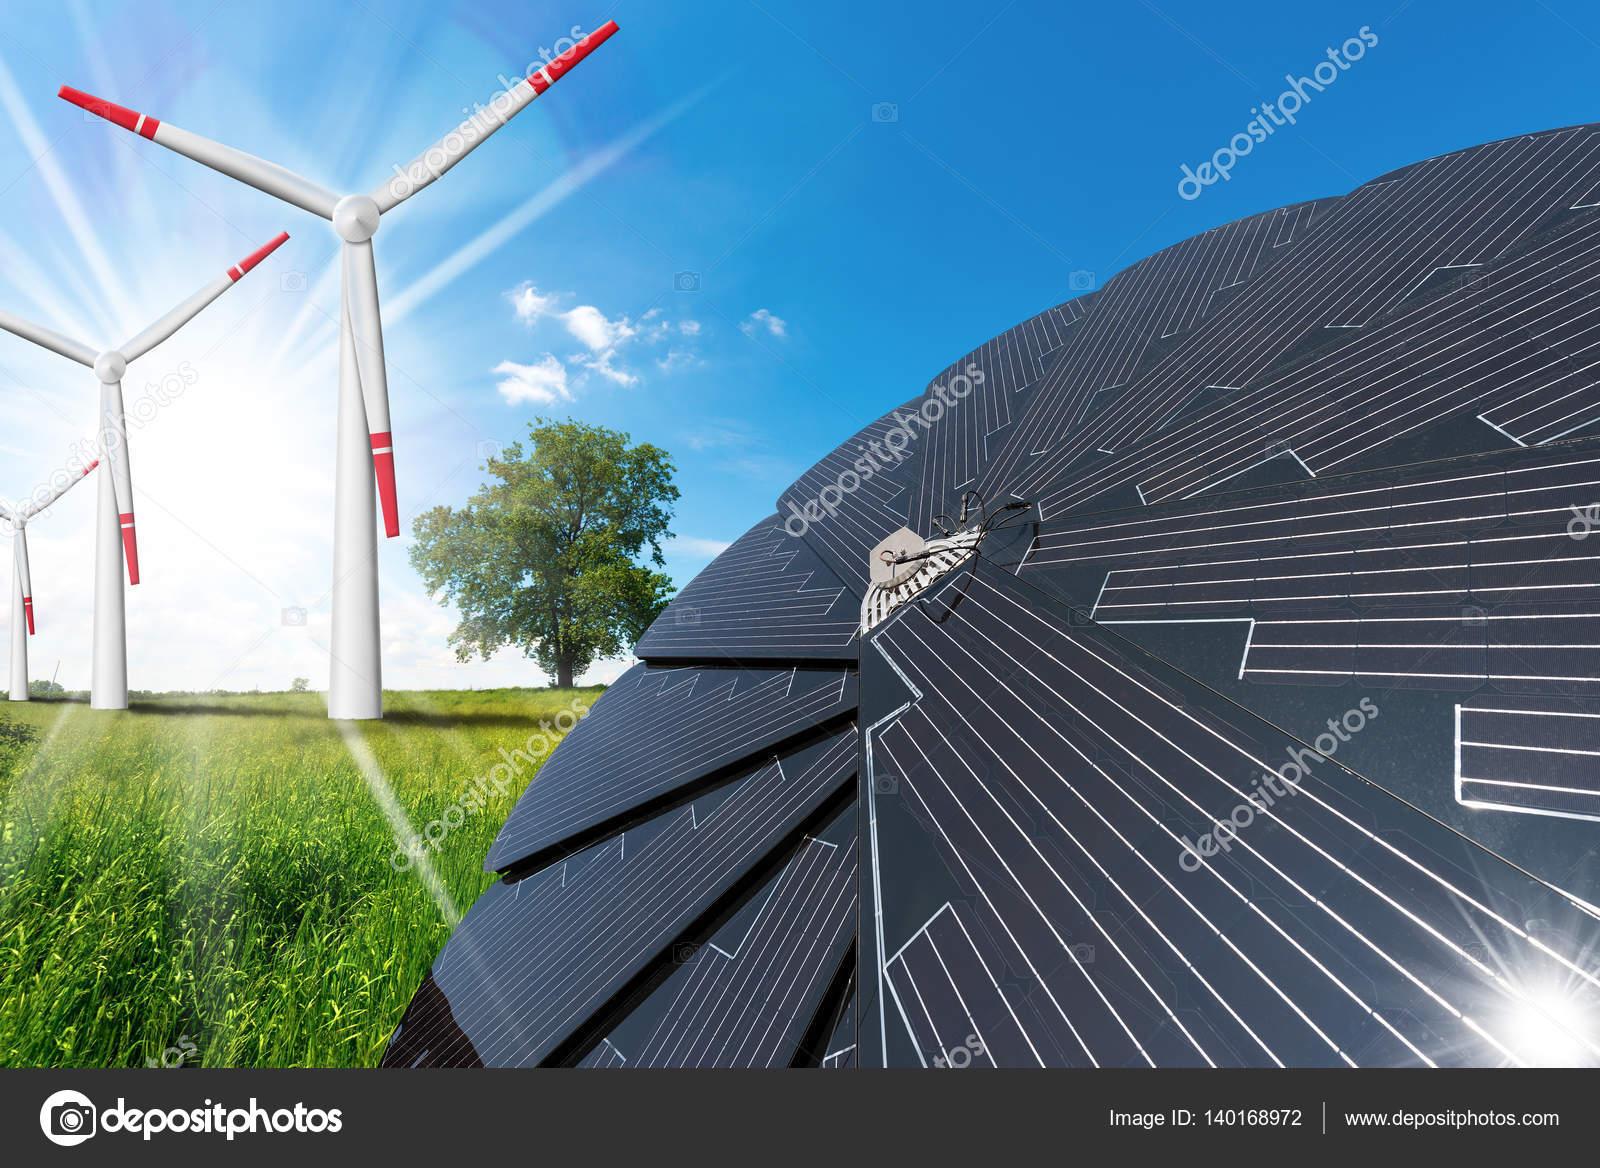 Pannelli solari e turbine eoliche foto stock catalby for Pannelli solari immagini